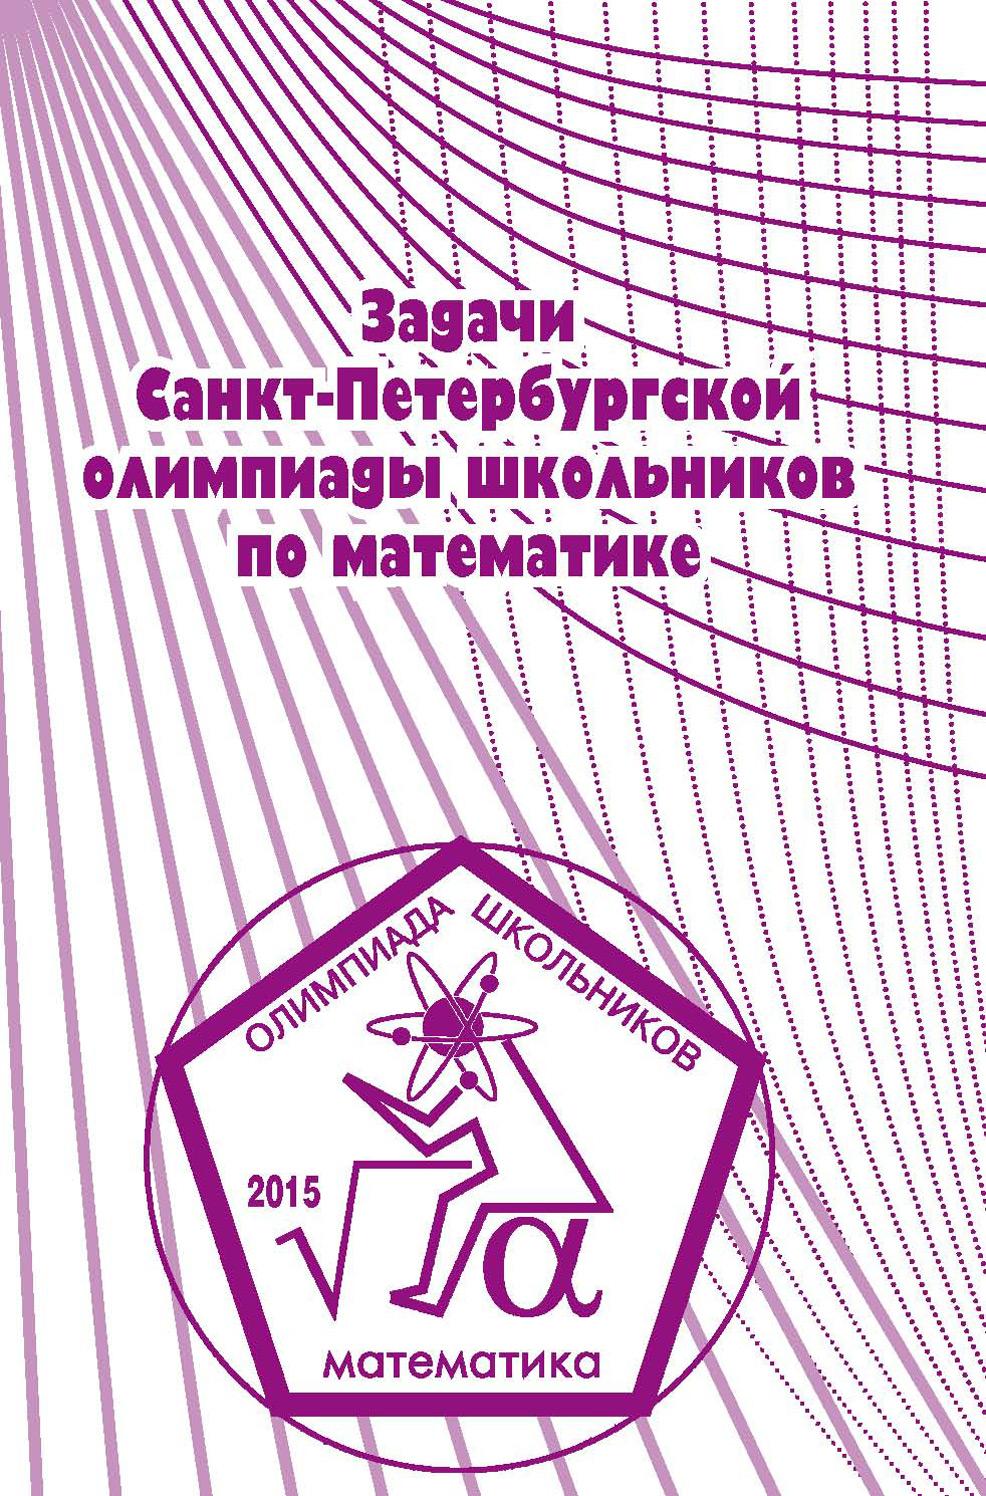 Отсутствует Задачи Санкт-Петербургской олимпиады школьников по математике 2015 года задачи санкт петербургской олимпиады школьников по математике